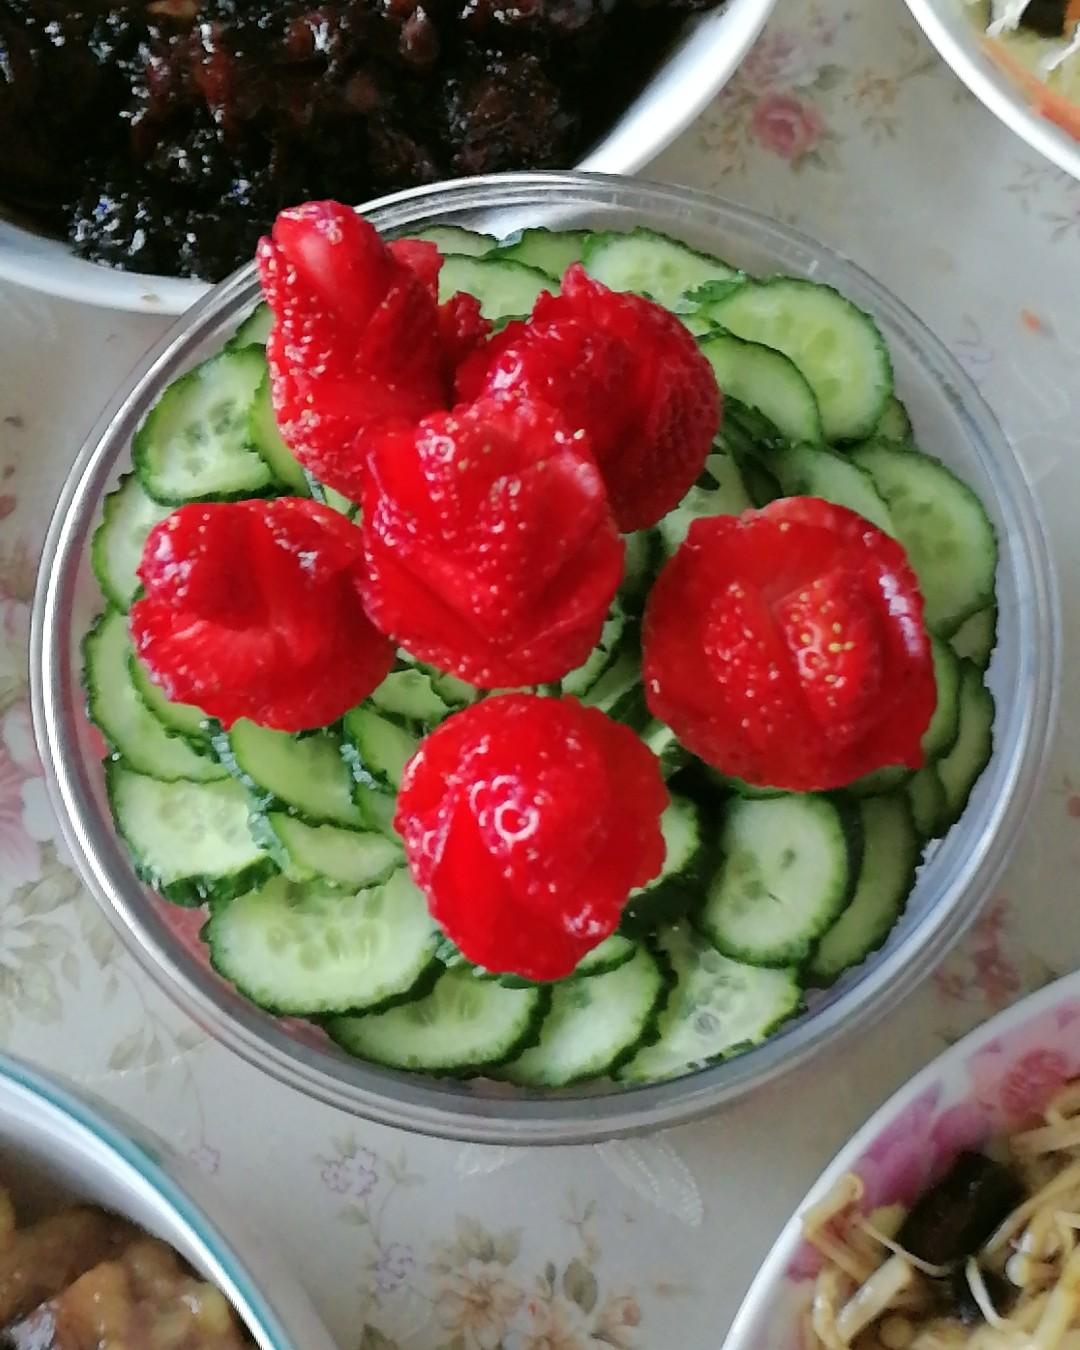 秋膘大作战 第三天打卡 跟胖球一起吃素!啃黄瓜片和草莓🍓花